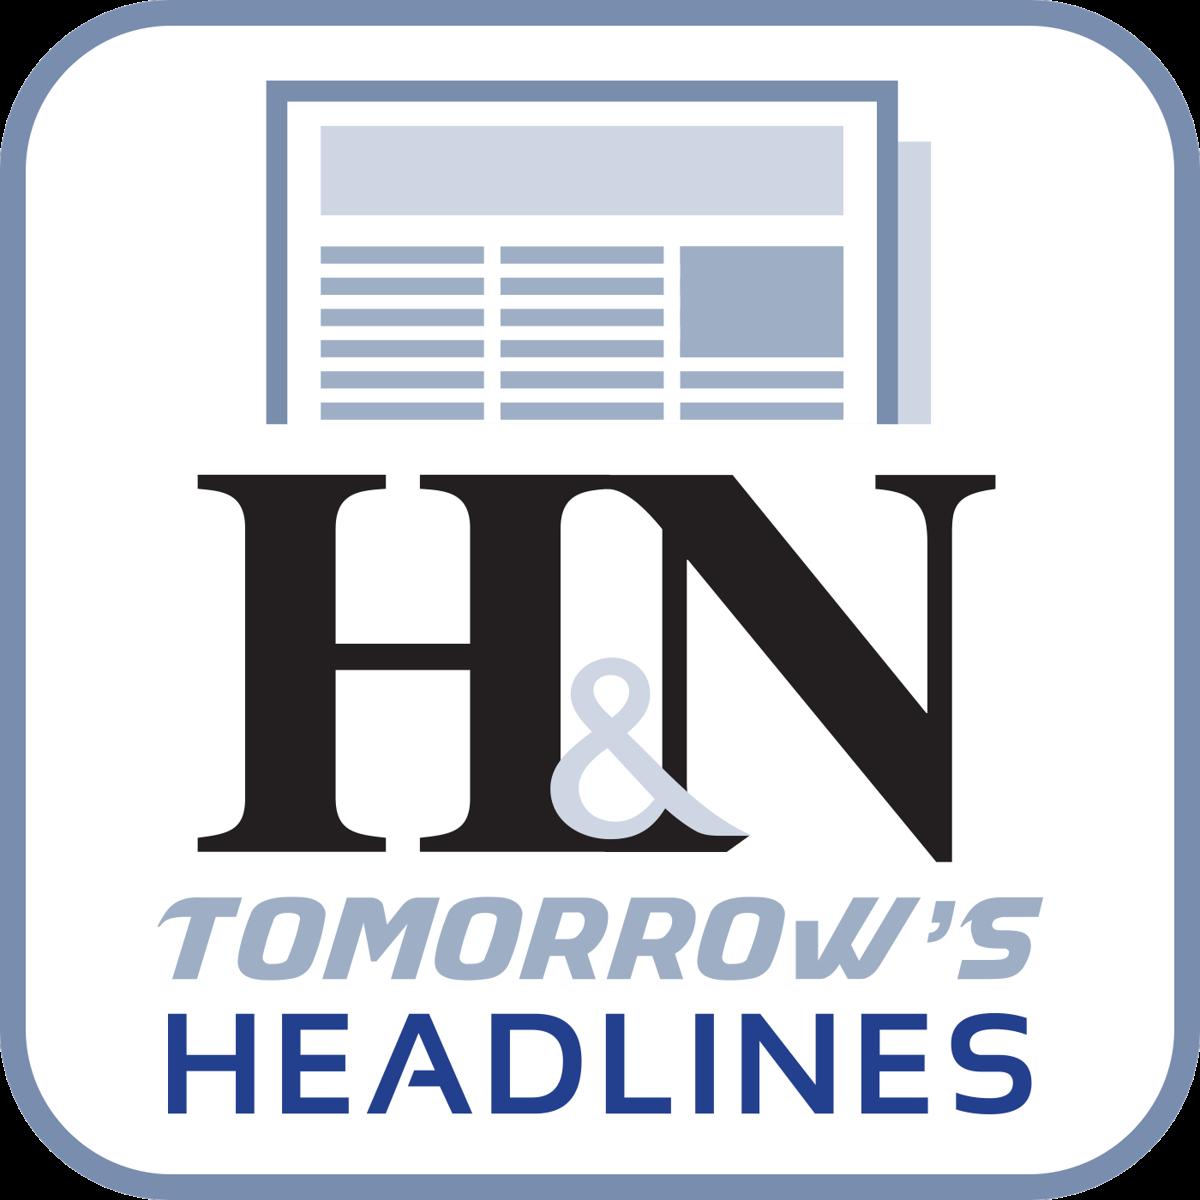 Tomorrow's Headlines Today